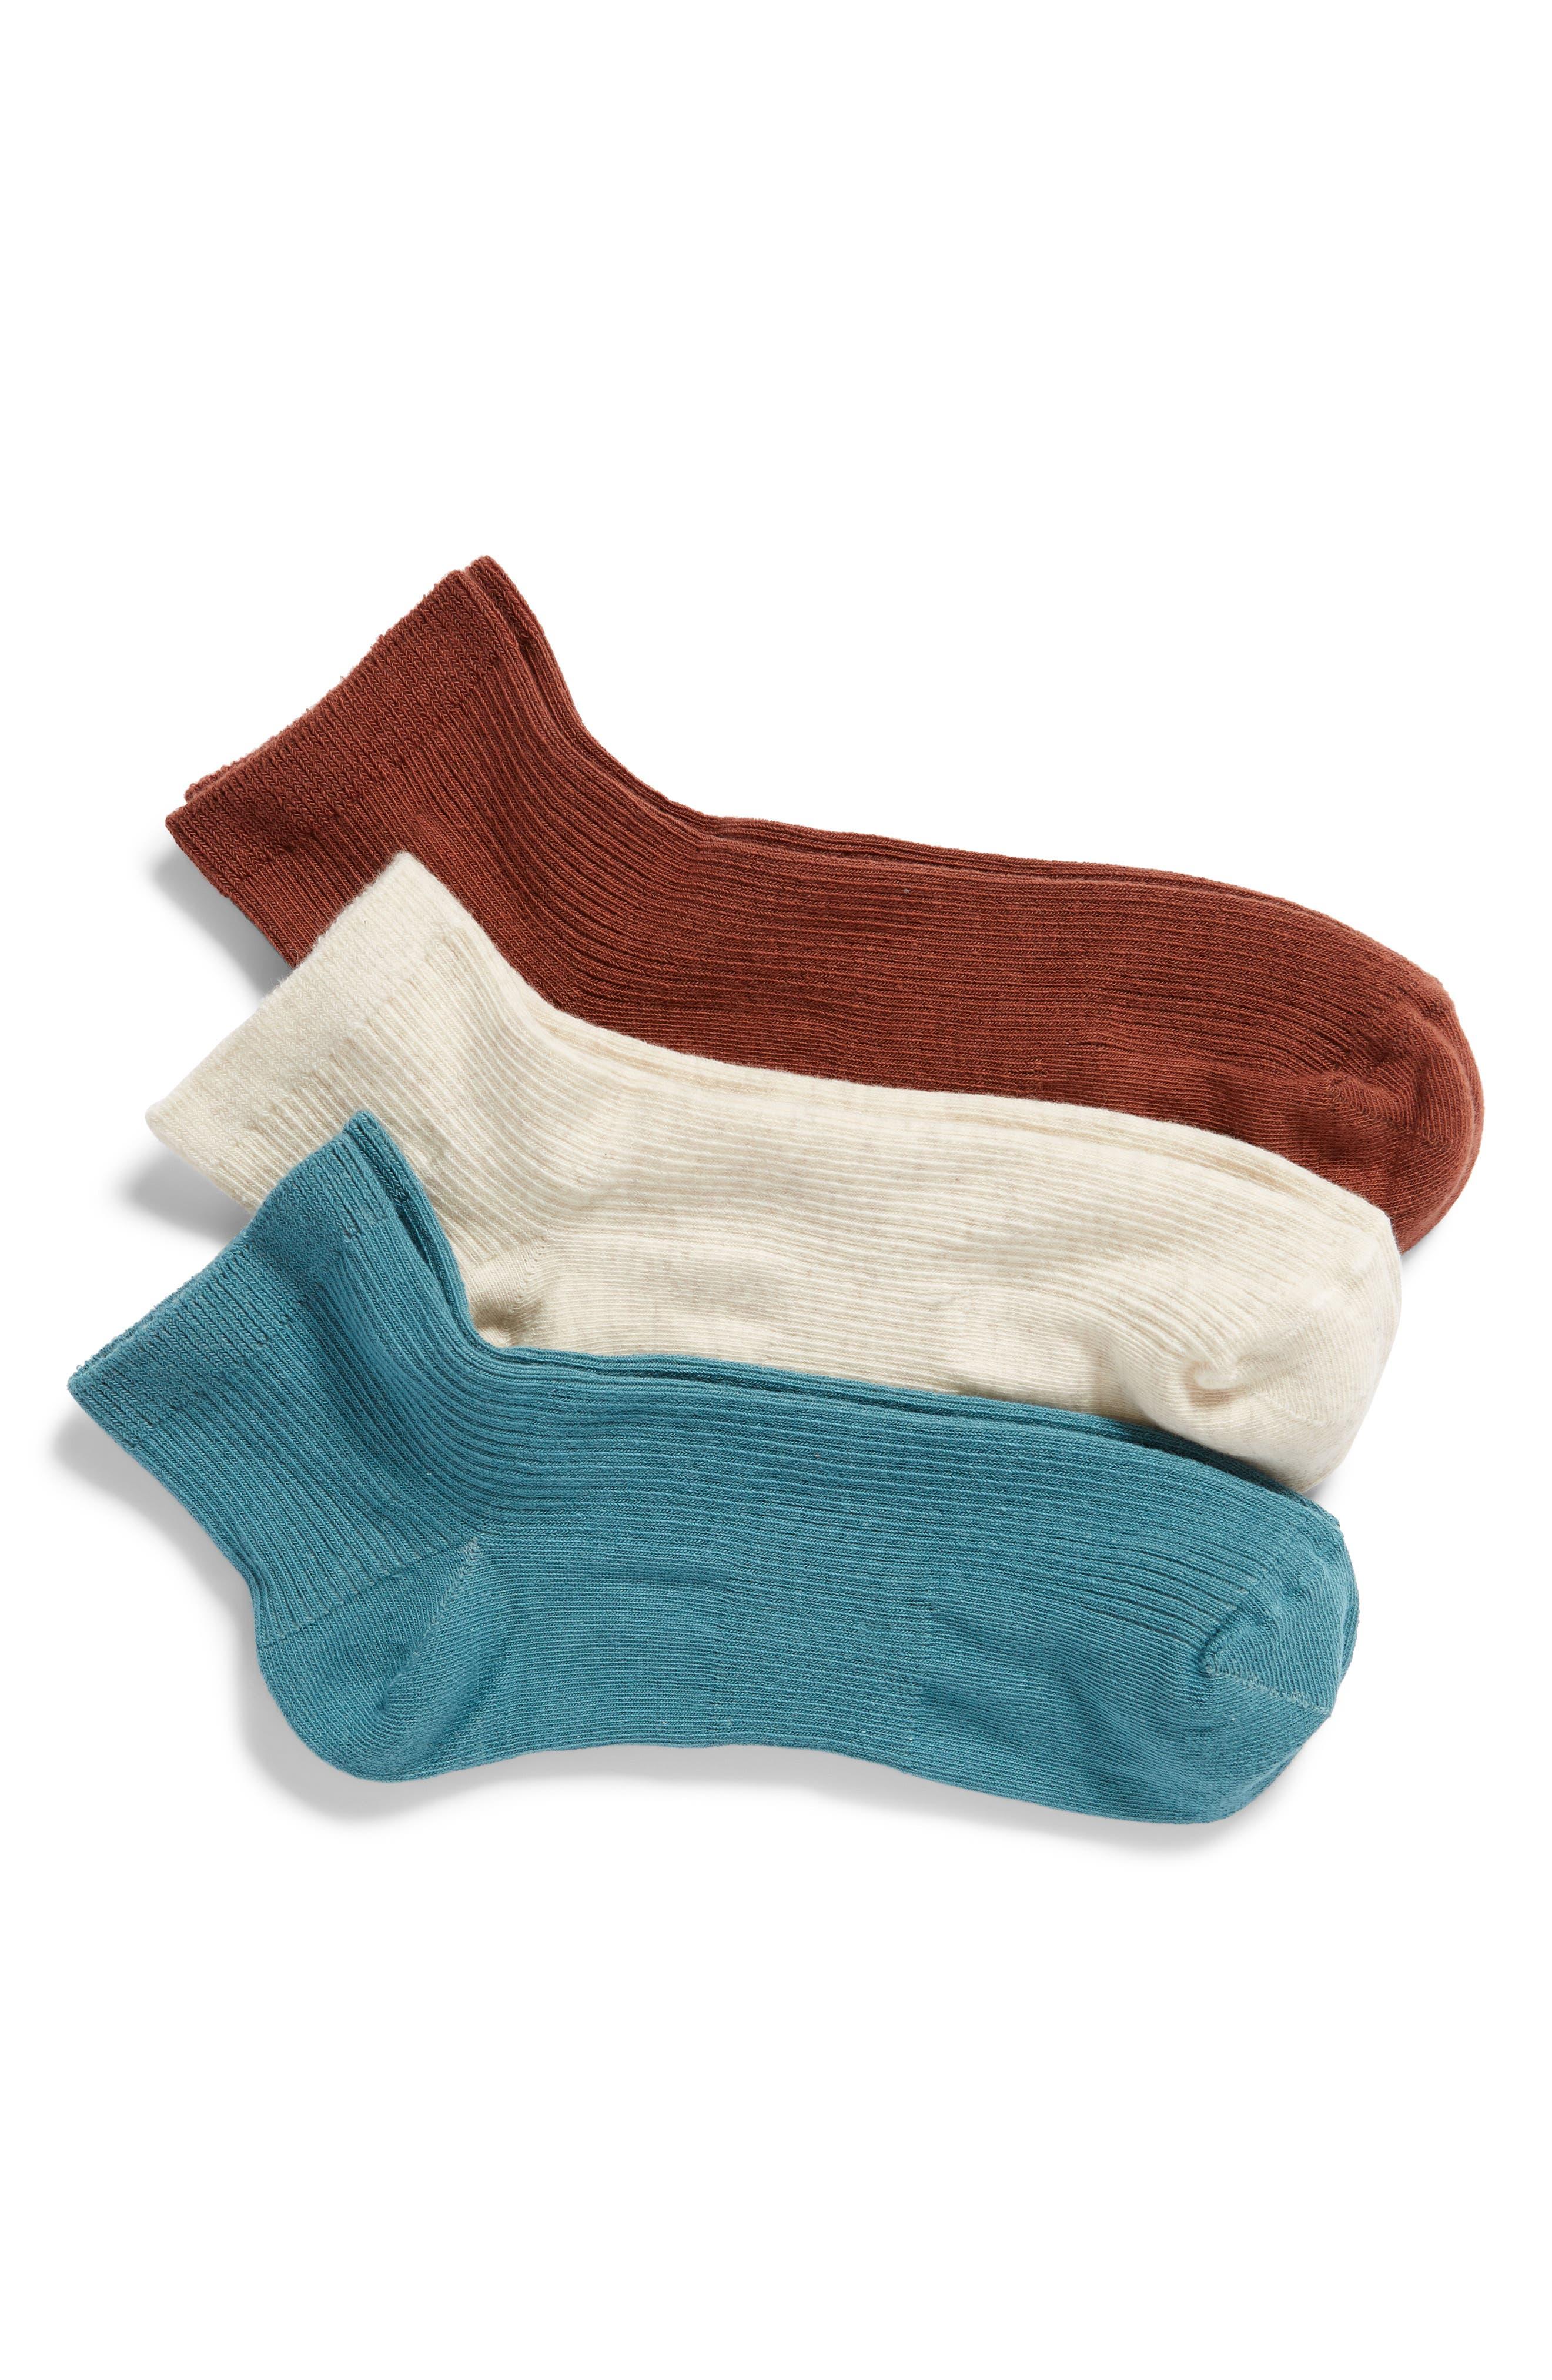 3-Pack Favorite Ankle Socks,                             Main thumbnail 1, color,                             BROWN CINNAMON MULTI